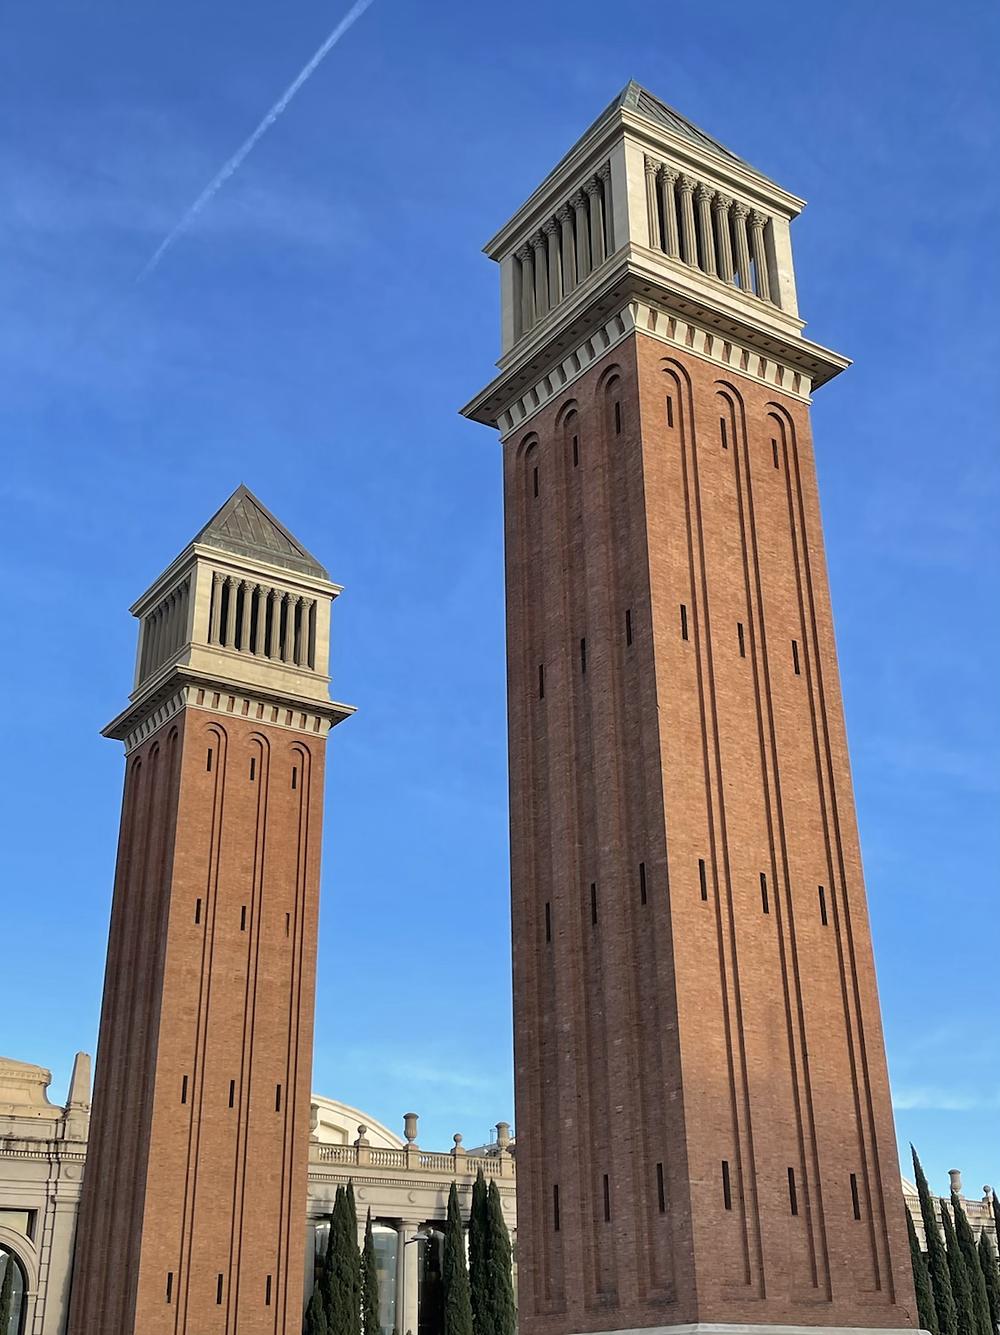 Torres venecianas en Plaza España, en Barcelona